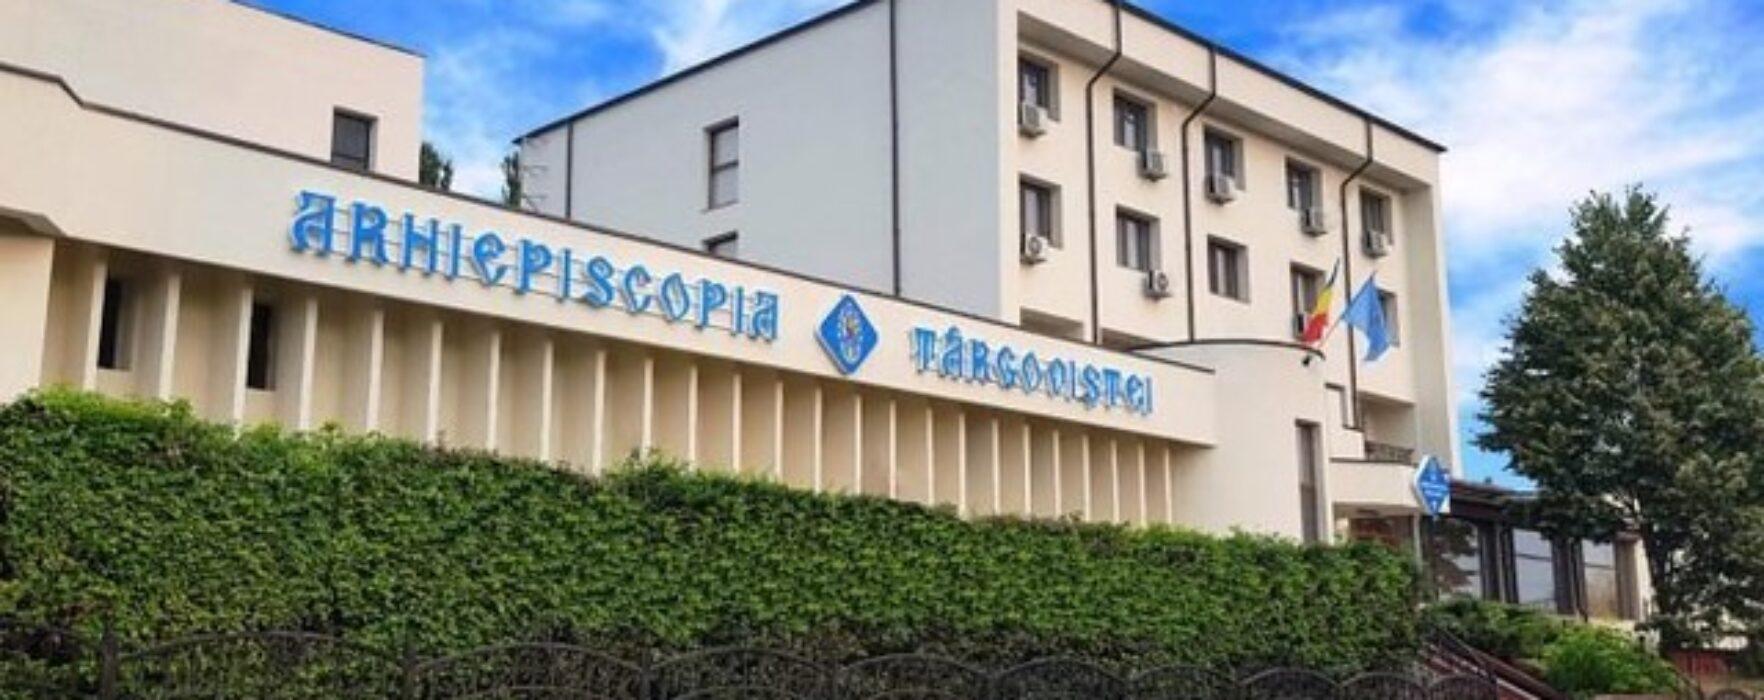 Arhiepiscopia Târgovişte: Măsuri suplimentare luate pentru prevenirea coronavirusului; sprijin persoanelor aflate în izolare